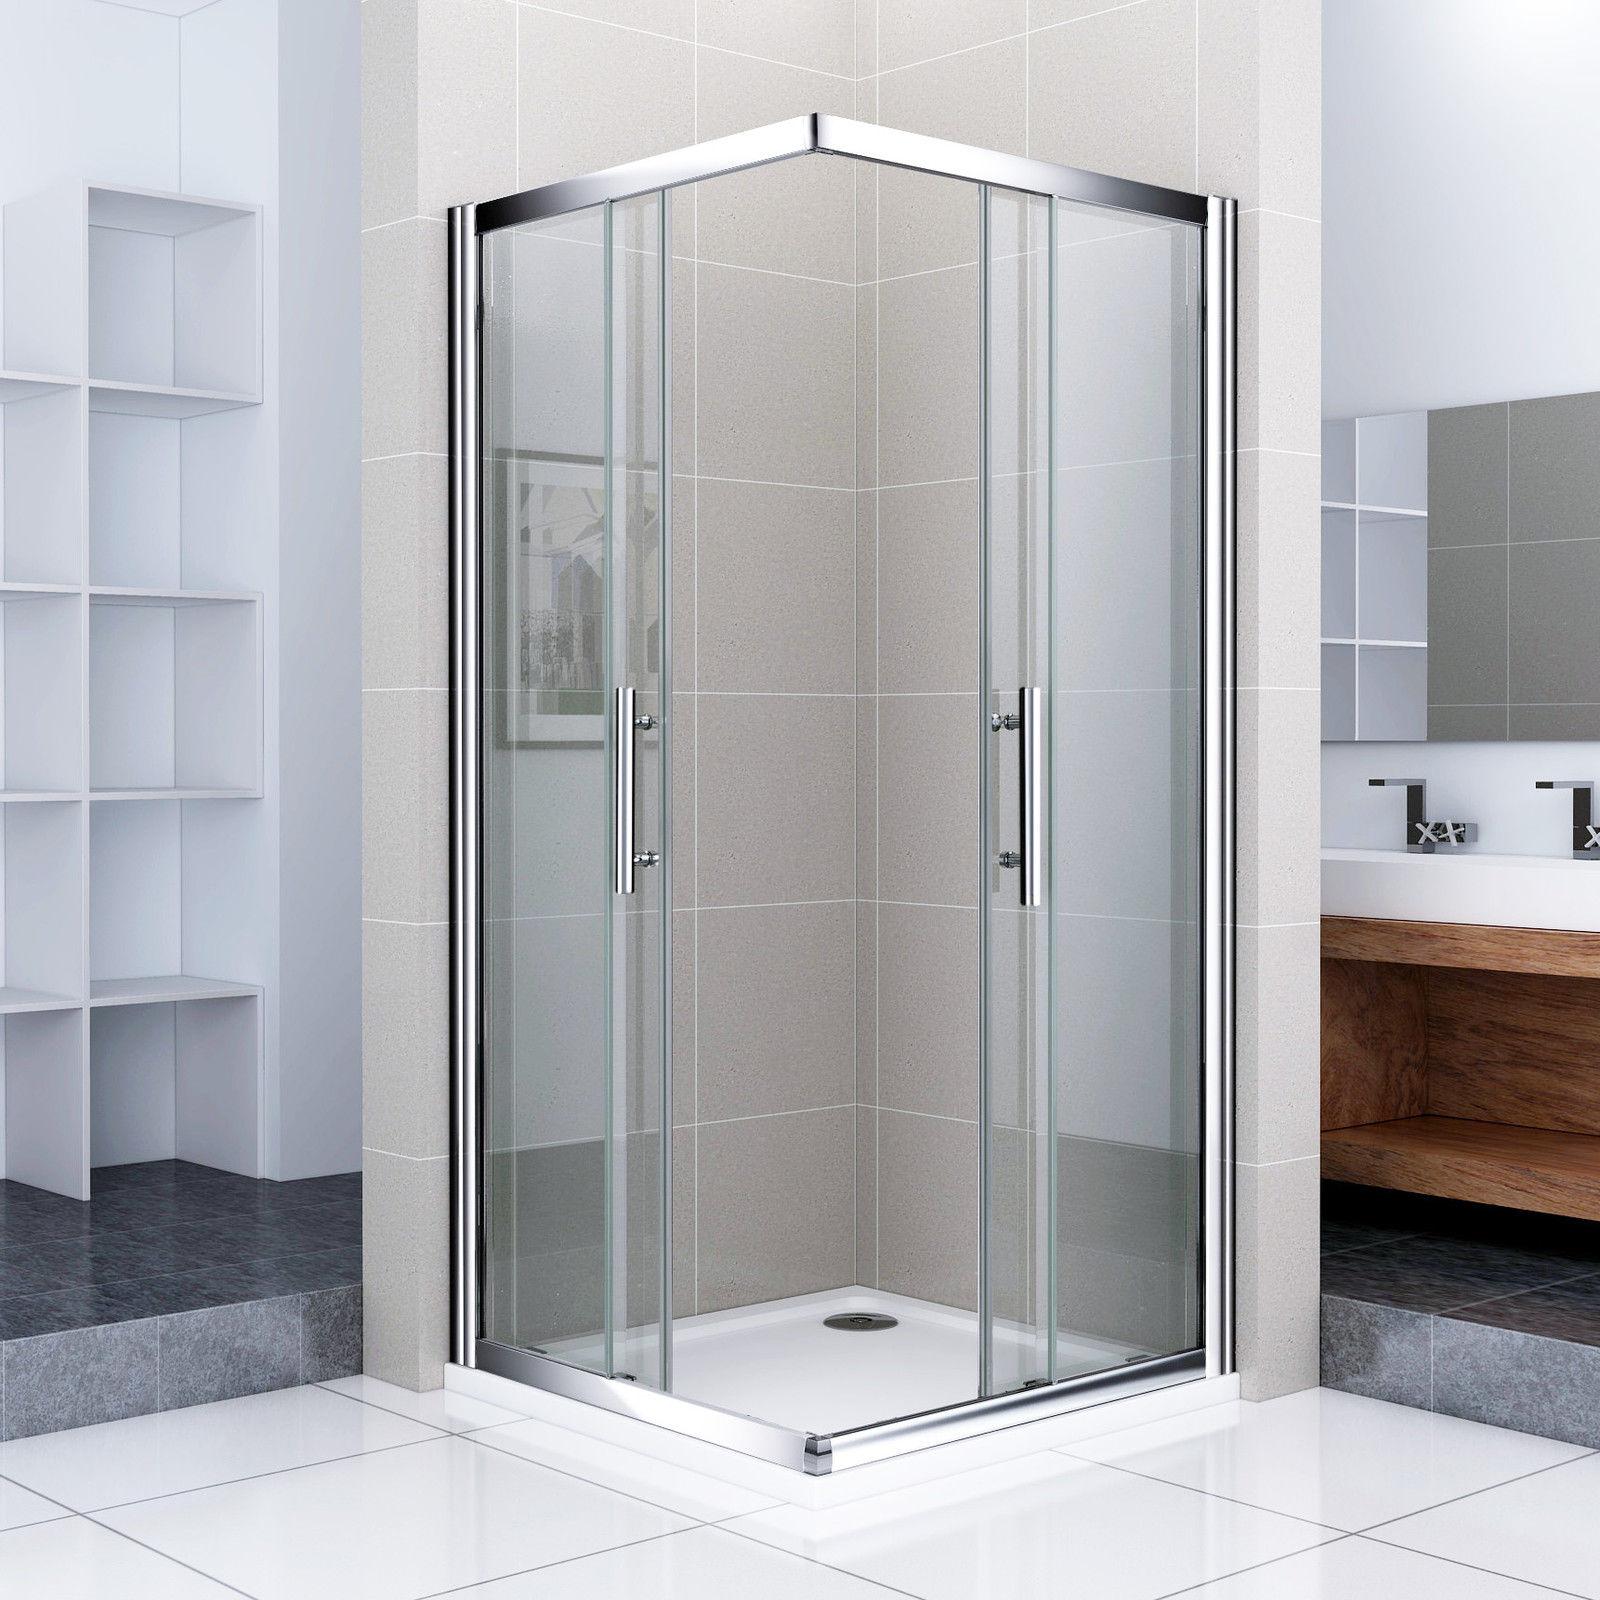 80x80 90x90 duschkabine eckdusche viertelkreis duschabtrennung dusche runddusche ebay. Black Bedroom Furniture Sets. Home Design Ideas